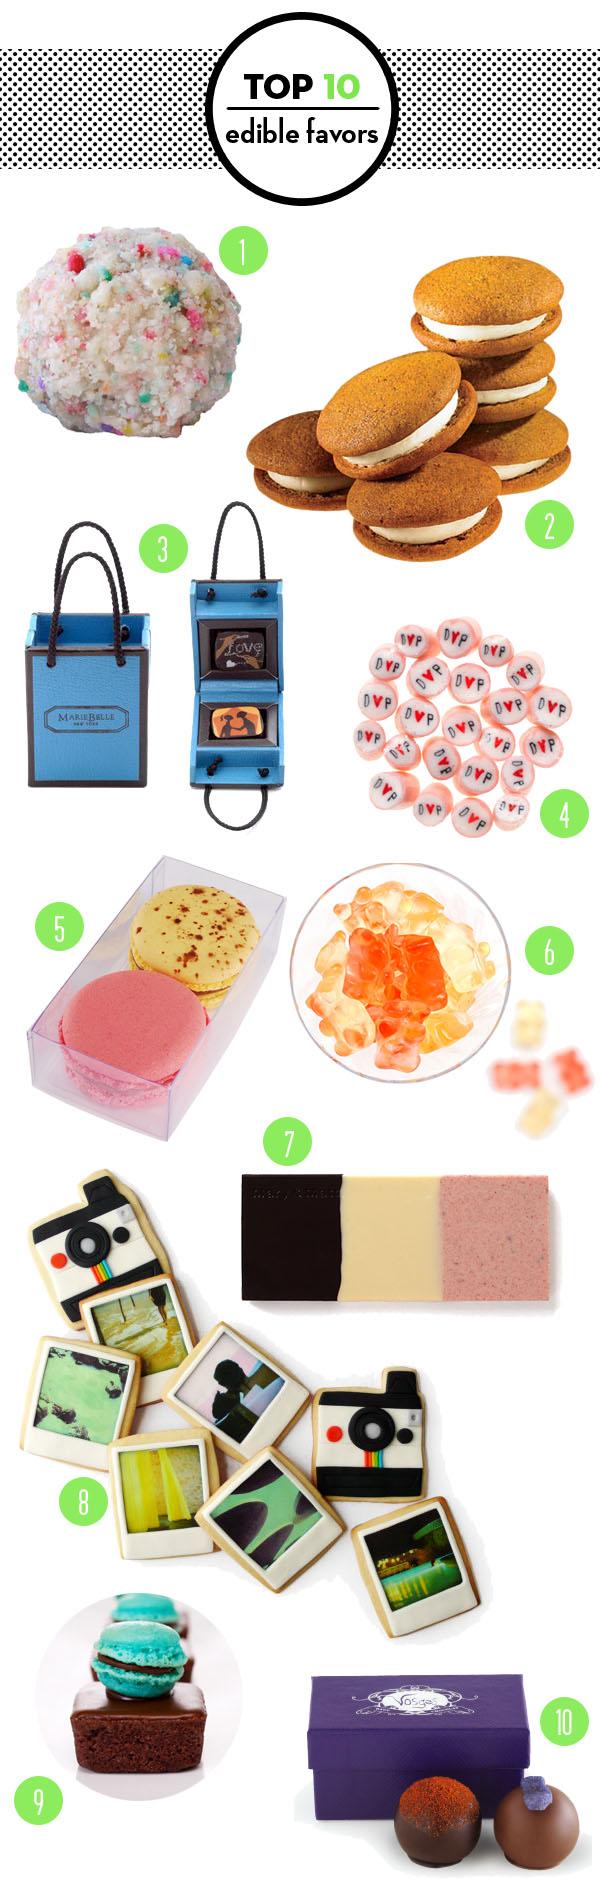 top 10: edible wedding favors